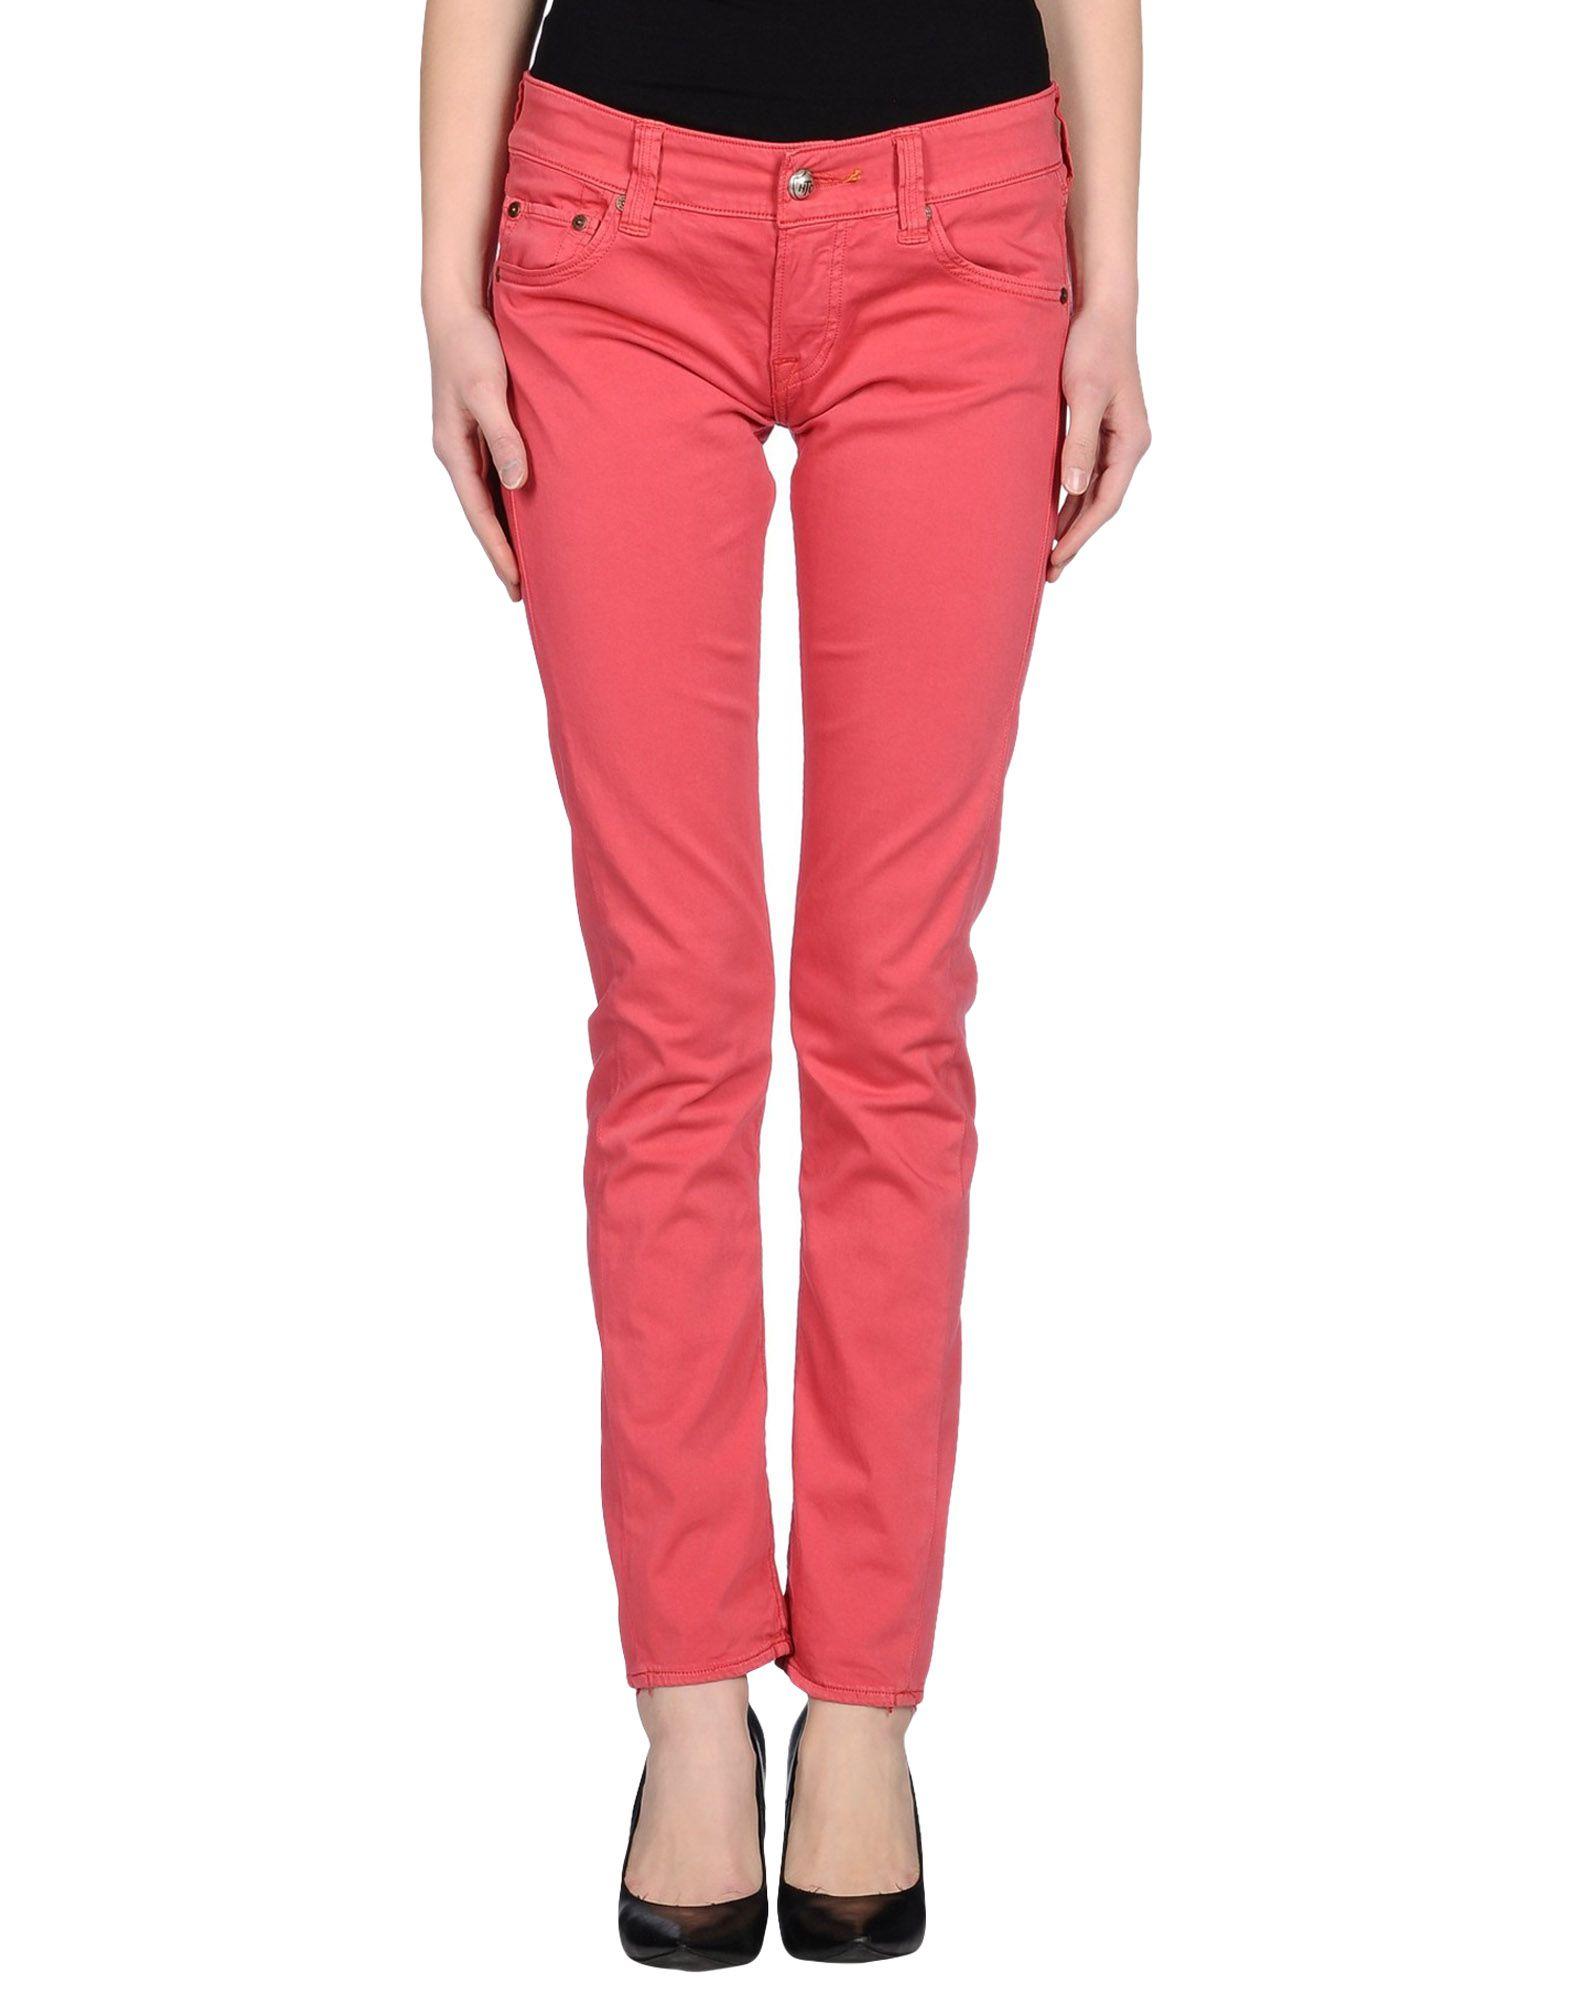 Loft Original Trouser Pants